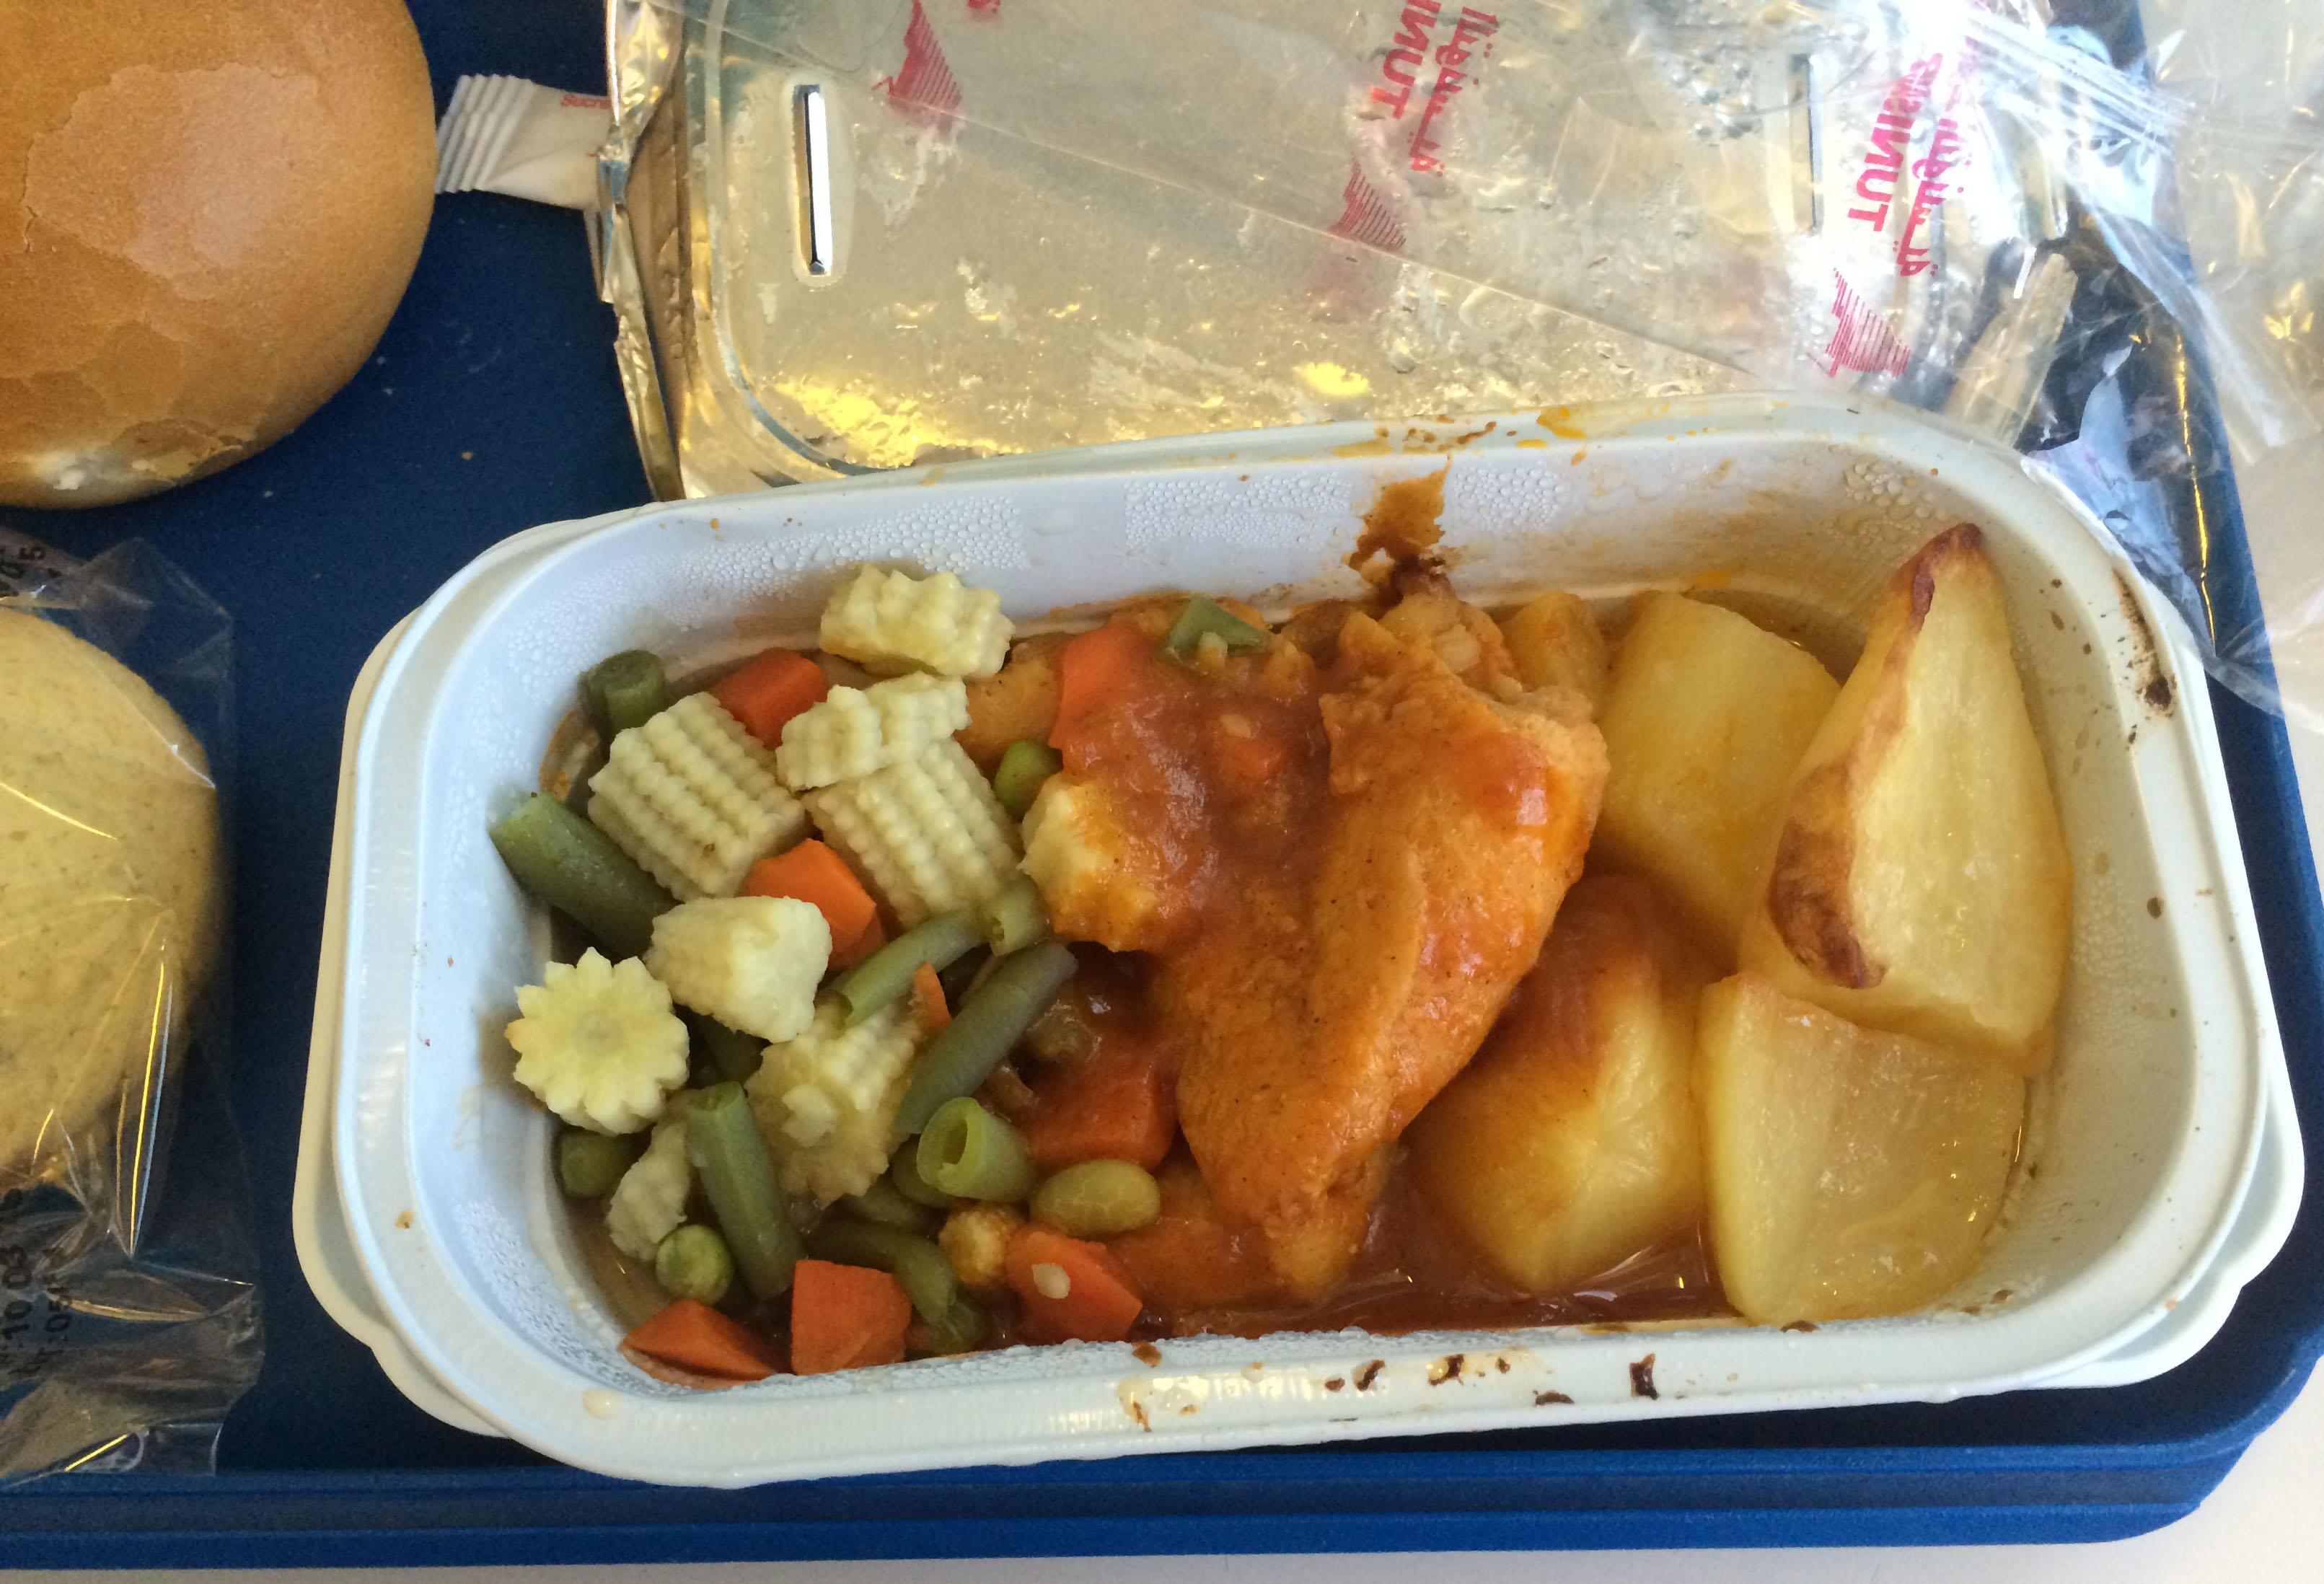 So sieht das Essen dann ge�ffnet aus. Ein Mix aus Putenfleisch, Gem�se, Kartoffeln und So�e.